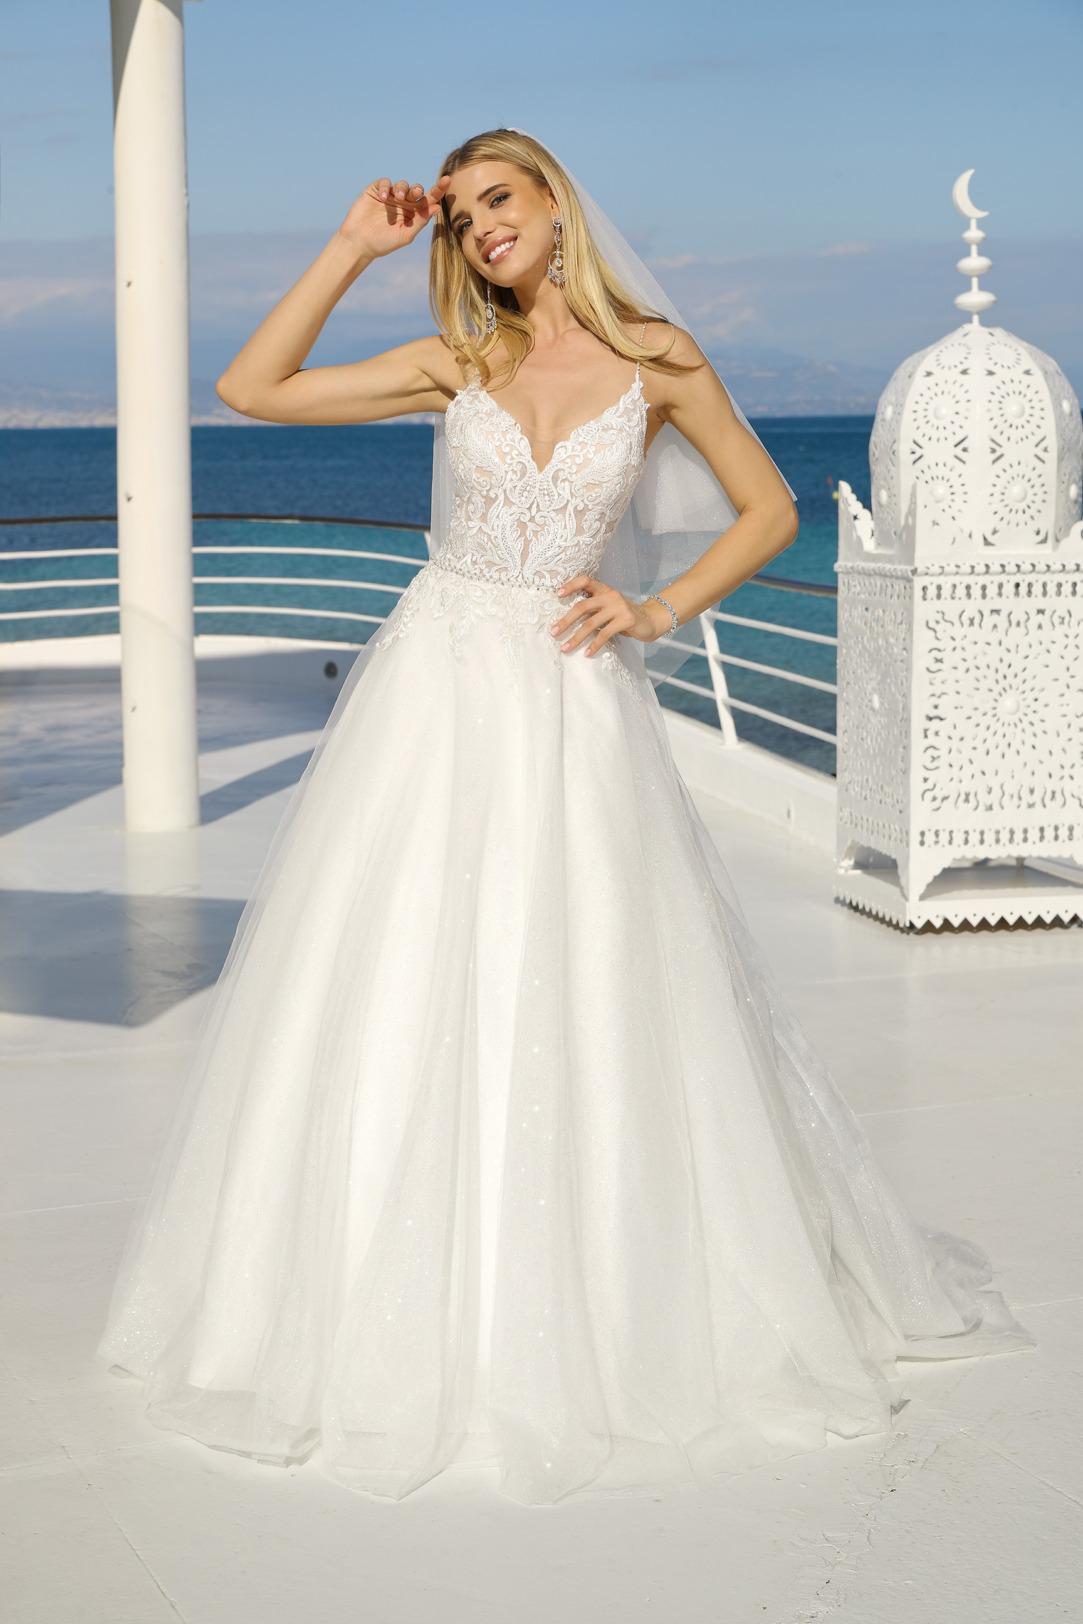 Brautkleid in A-Linie mit tiefem V Ausschnitt und feinem Spitzen Oberteil. Dieses traumhaftschöne Brautkleid hat Spagetti Träger und einen weiten Rock mit Glitzertüll. Hochzeitskleid in A-Linie von Ladybird Modell 321018.